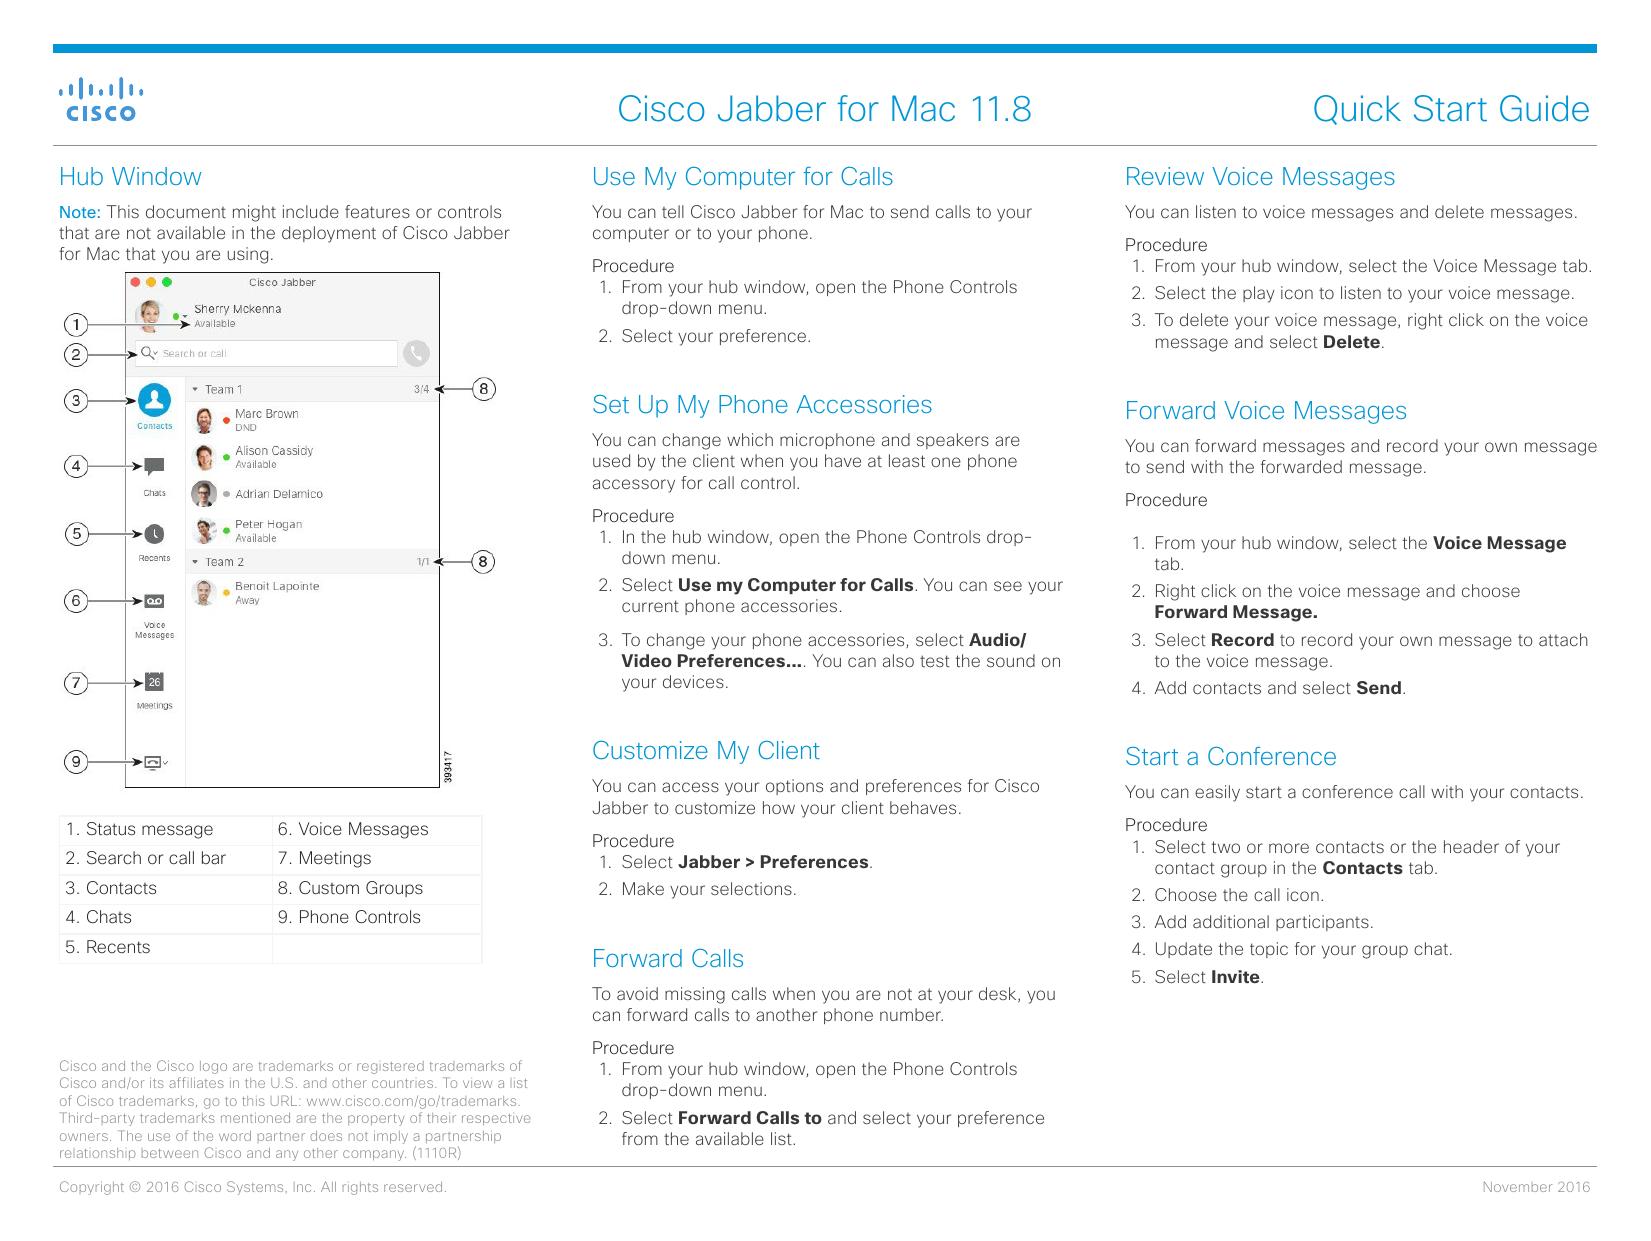 Cisco Jabber for Mac 11 8 Quick Start Guide | manualzz com